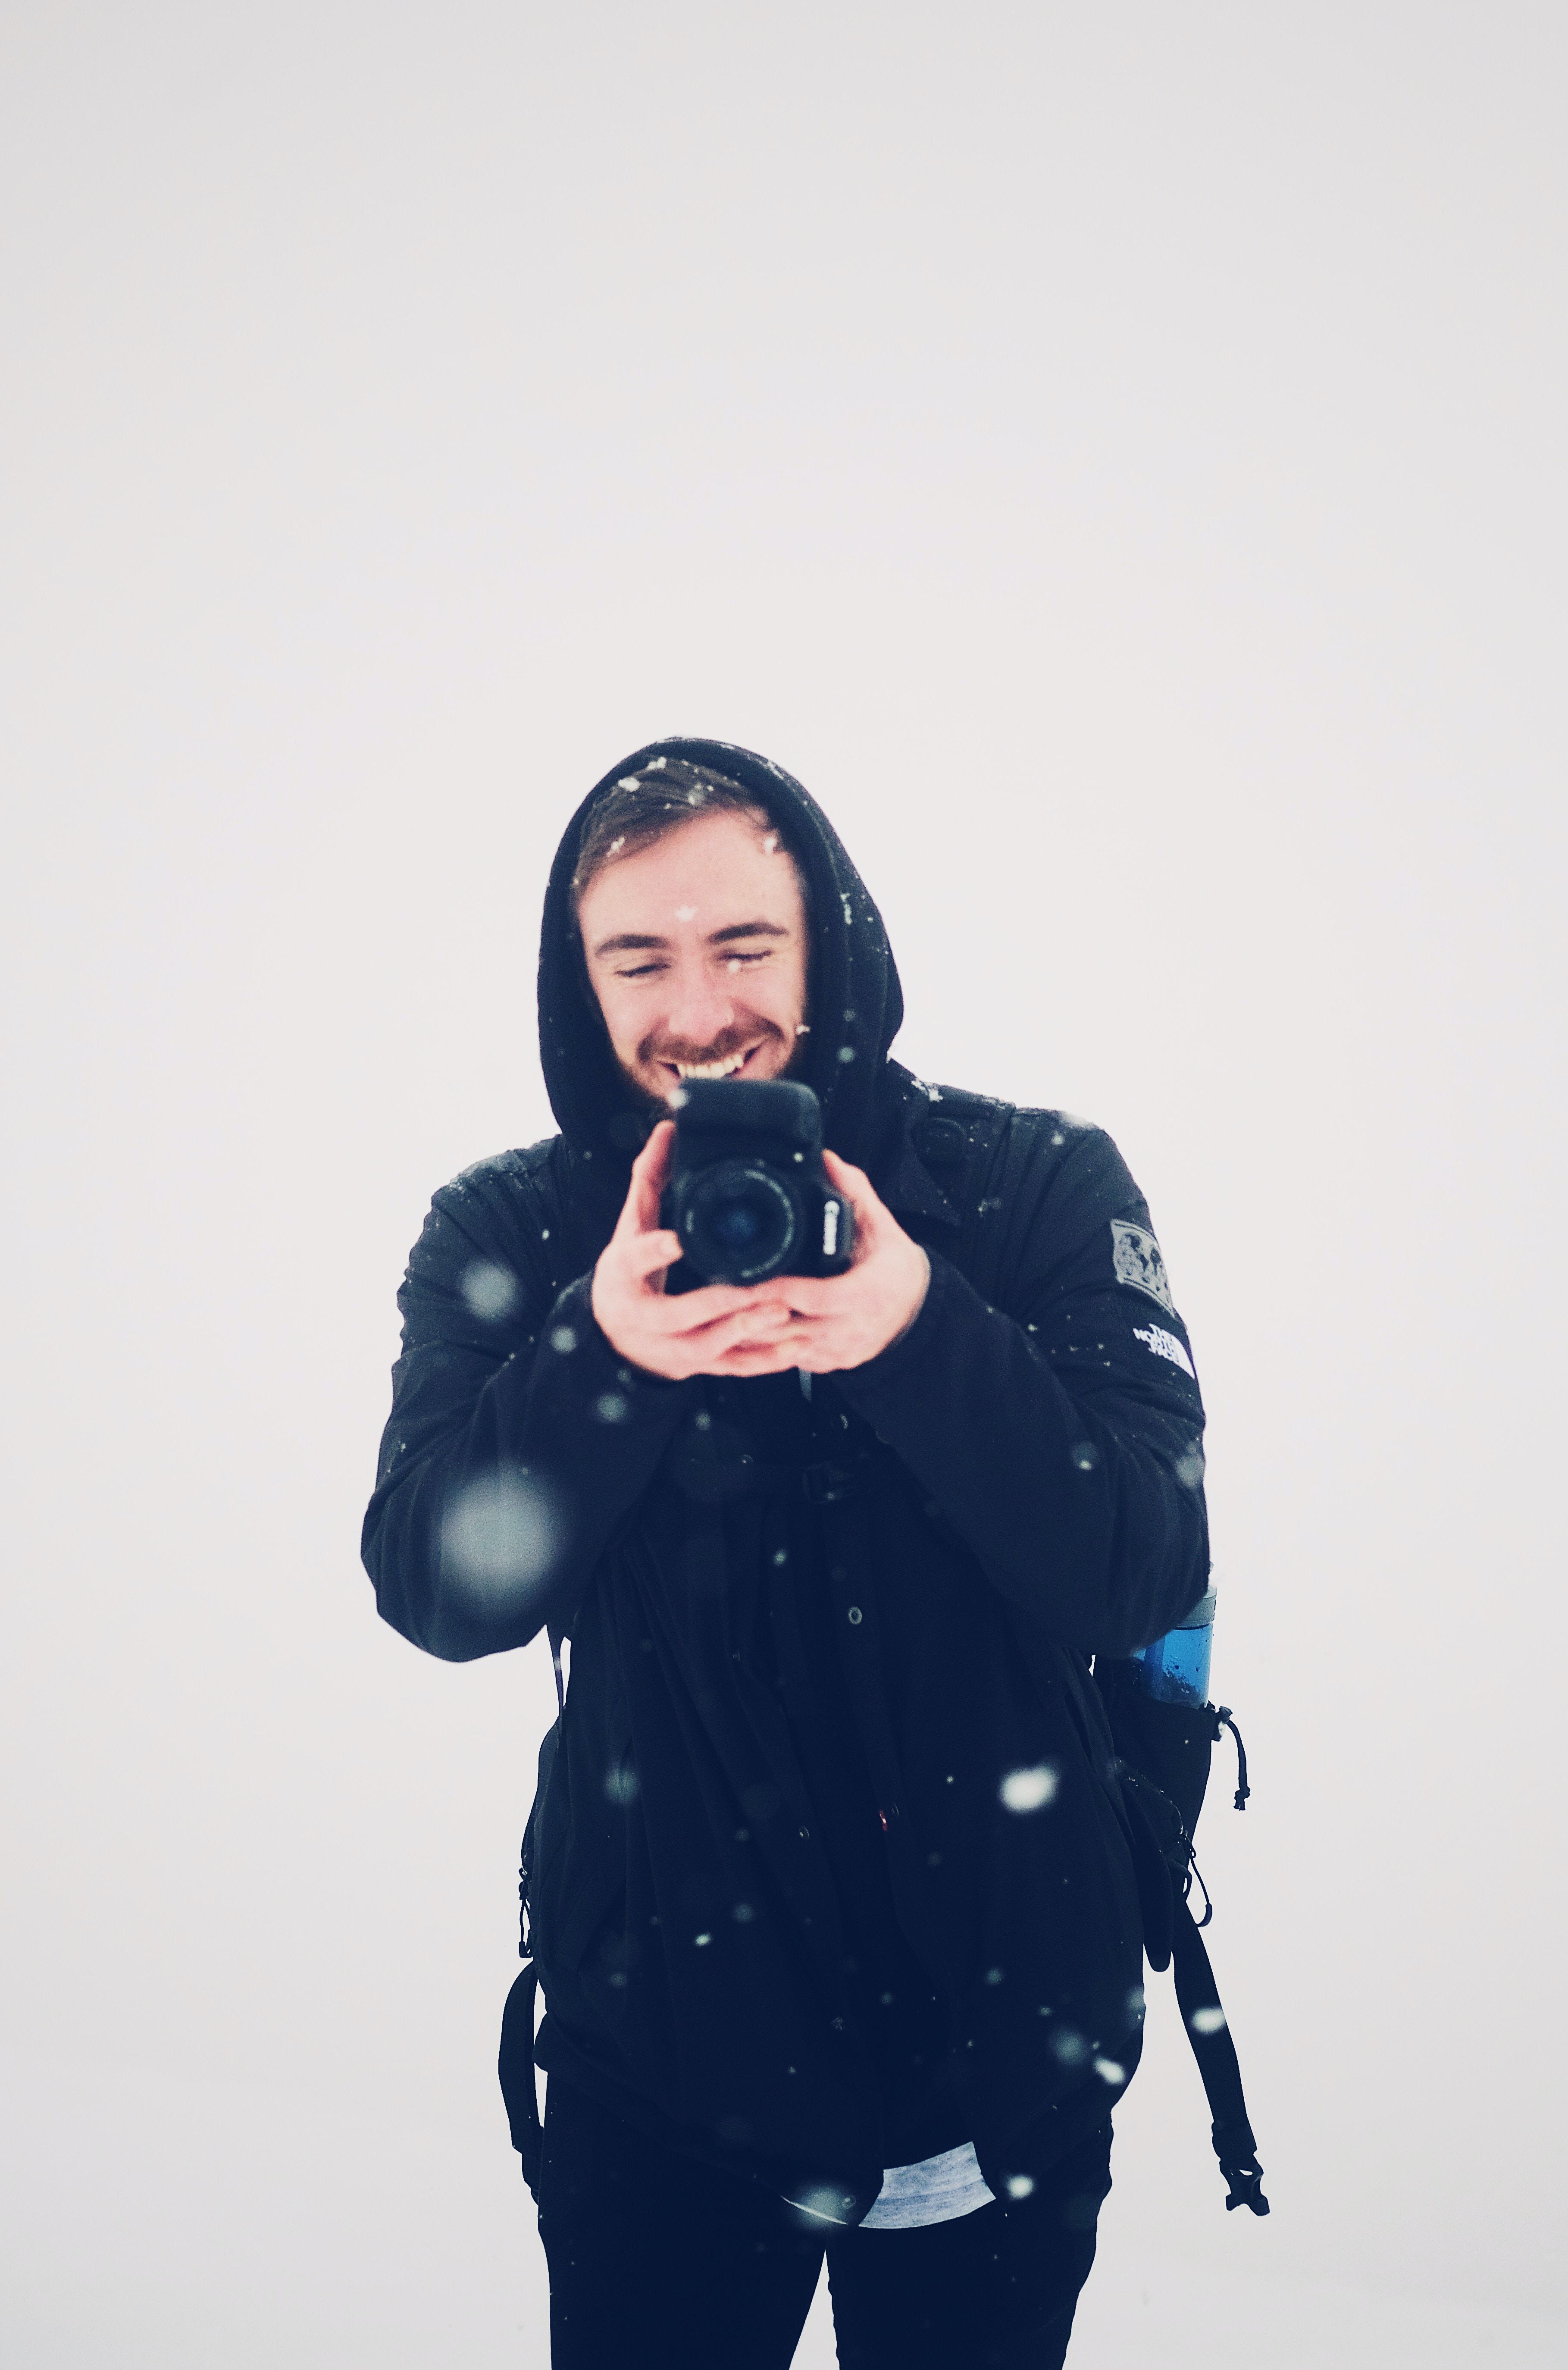 smiling man using DSLR camera